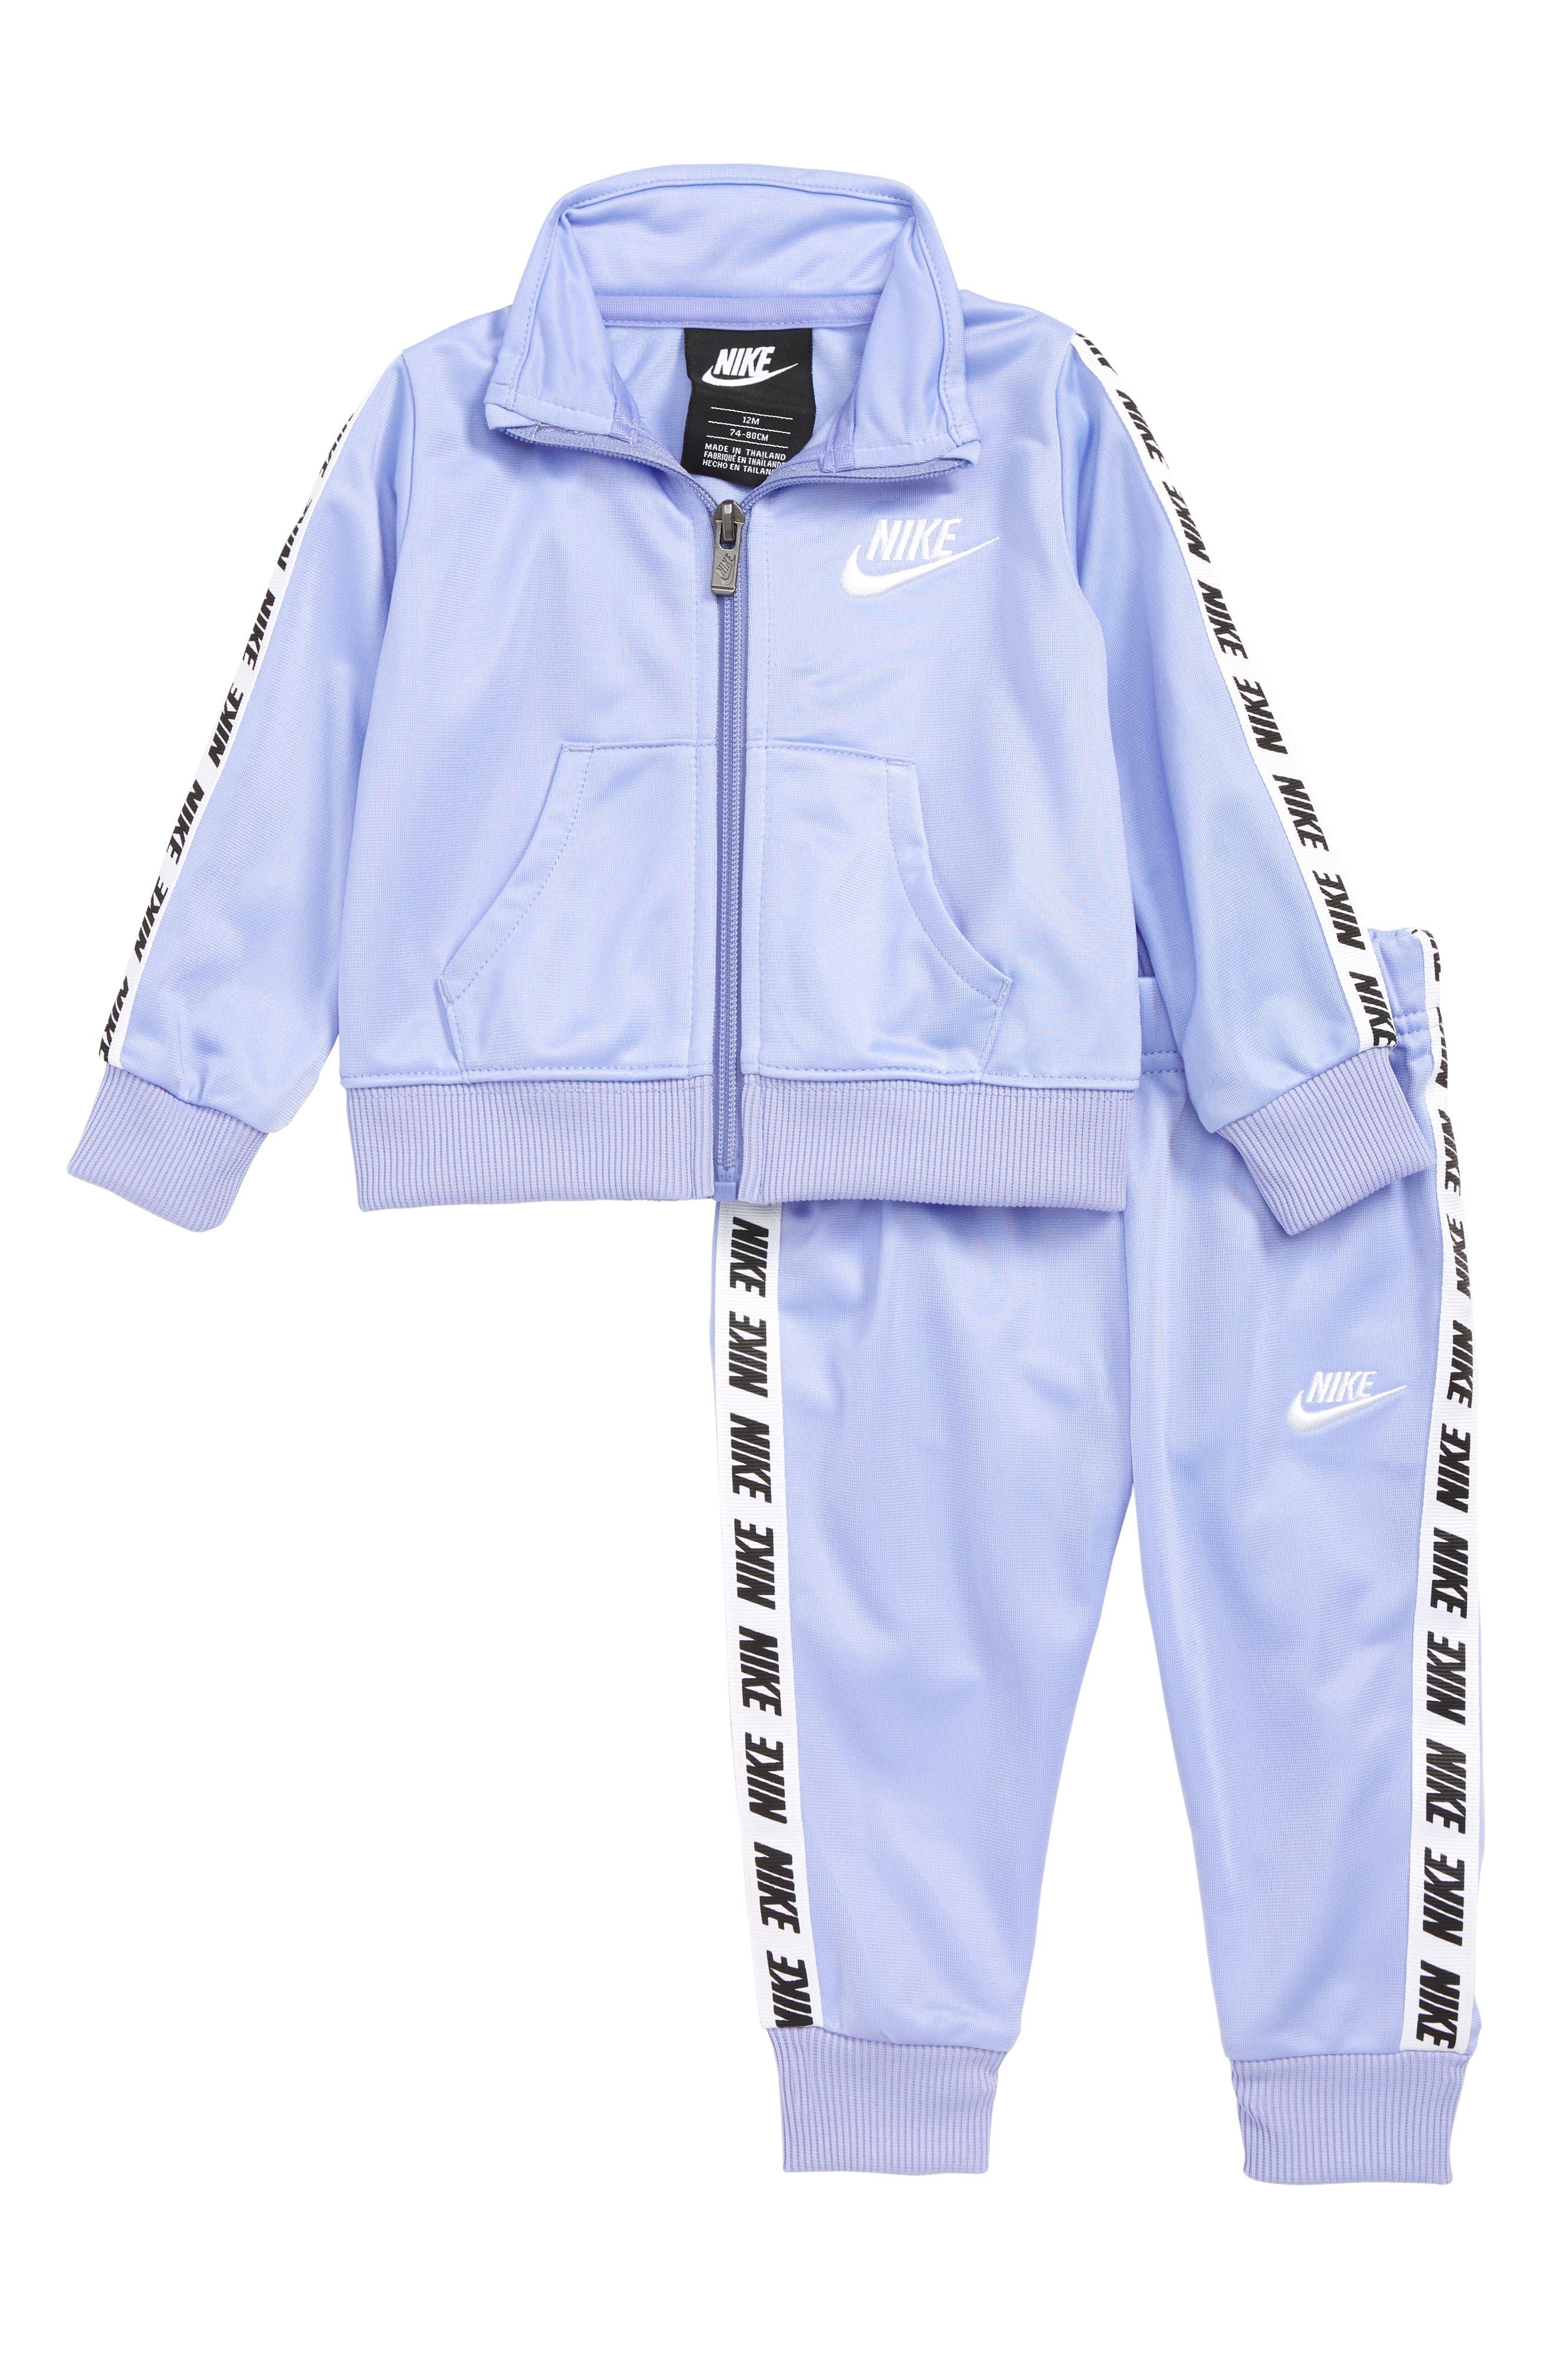 Tricot Track Suit Set,                         Main,                         color, TWILIGHT PULSE